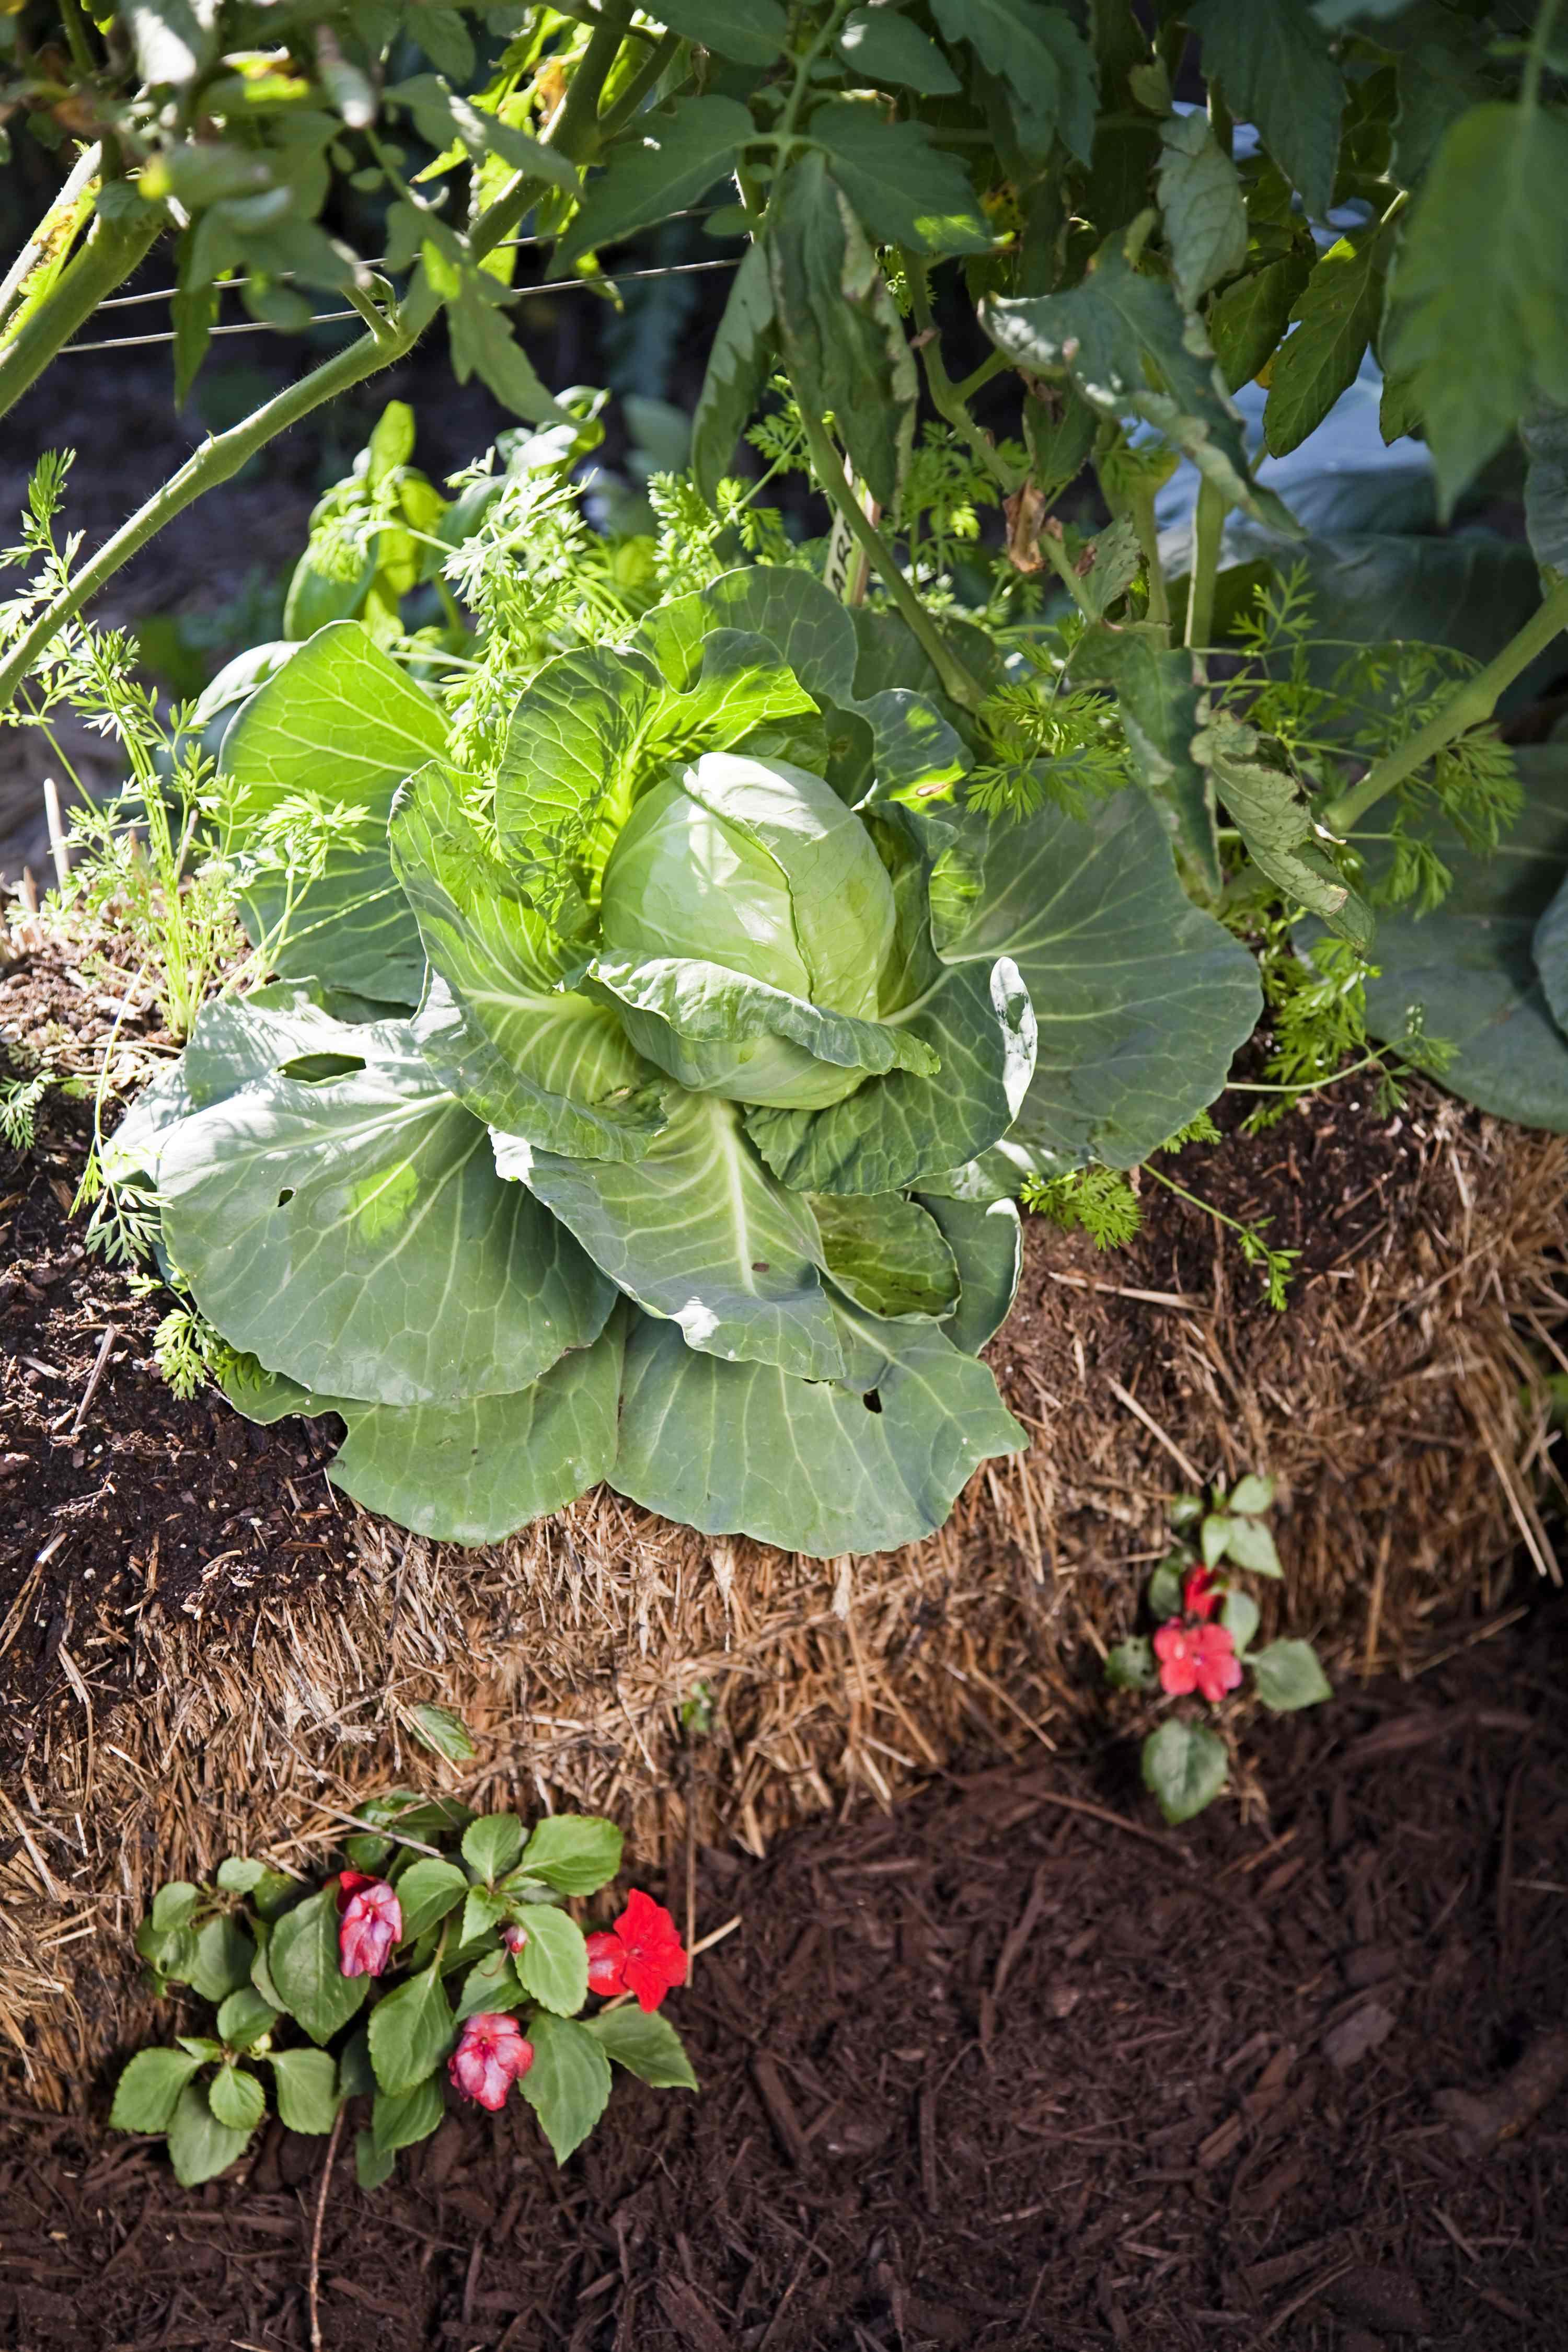 Straw bale gardens joel karsten pdf fasci garden for Straw bale gardening joel karsten